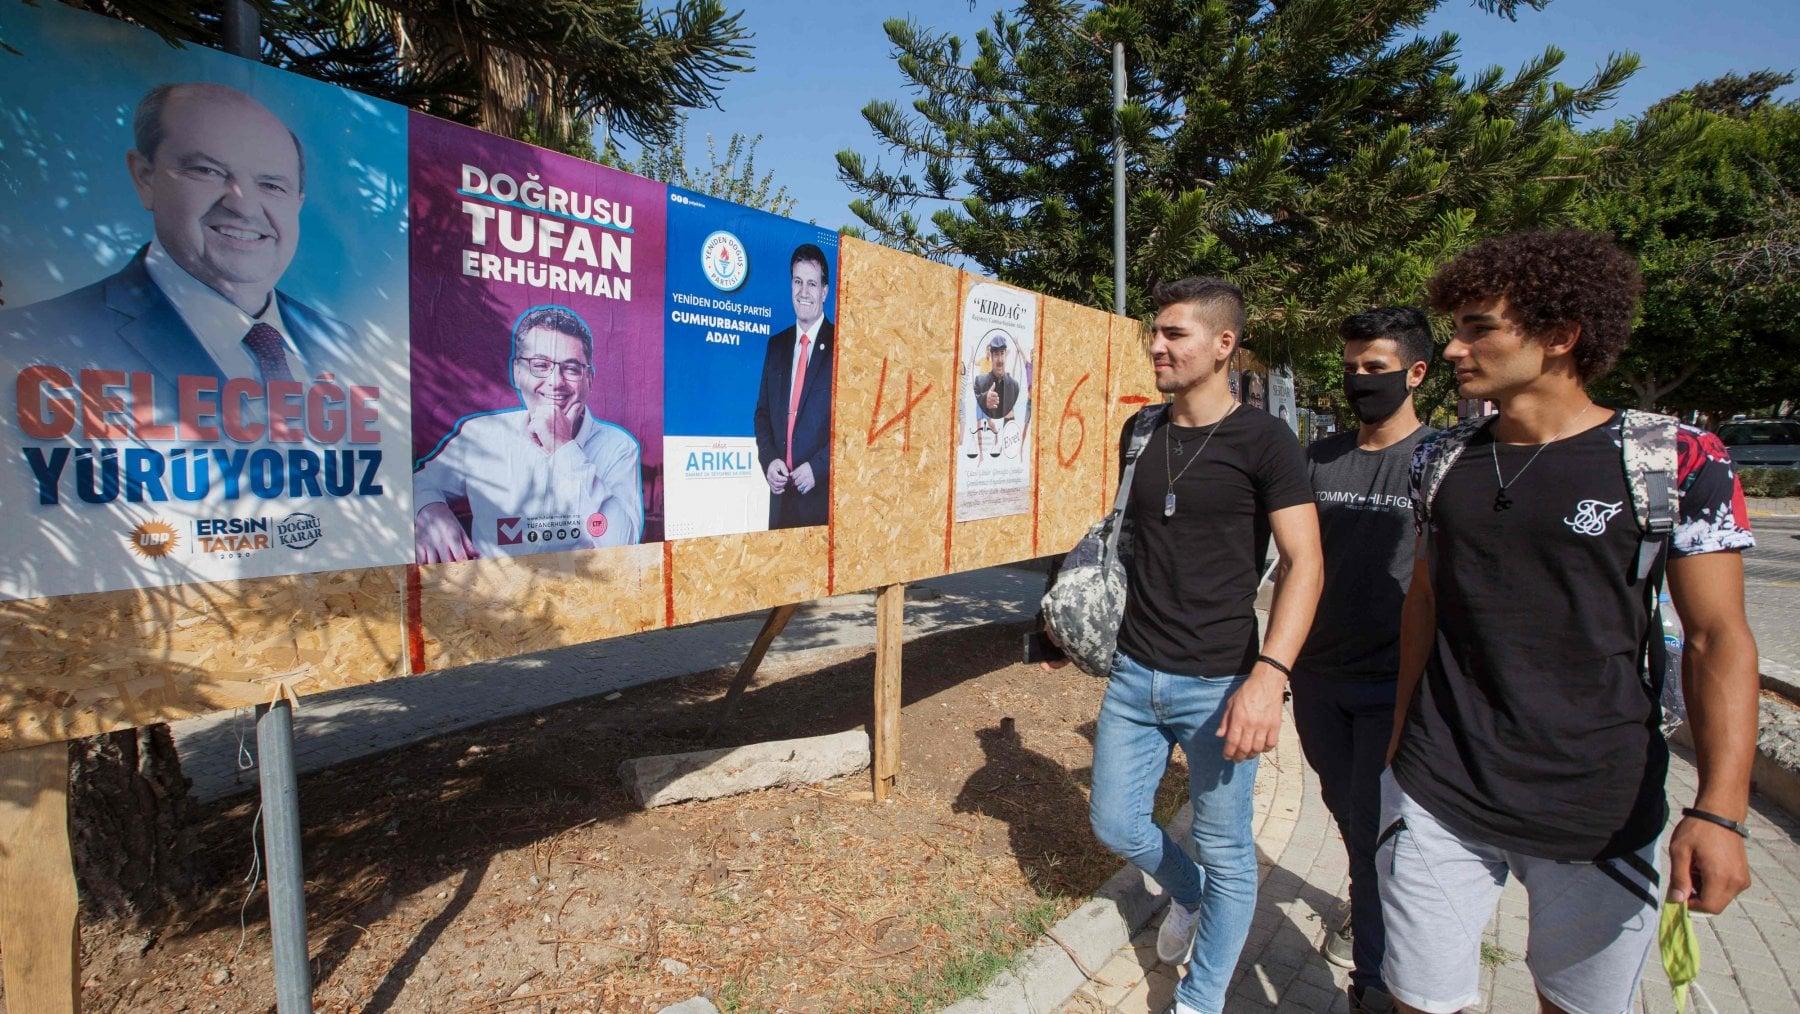 """205559535 ea5478be 4976 4f9d 9f8c e7b78247019c - Cipro Nord, vince l'uomo di Erdogan. Tatar è il nuovo """"presidente"""""""